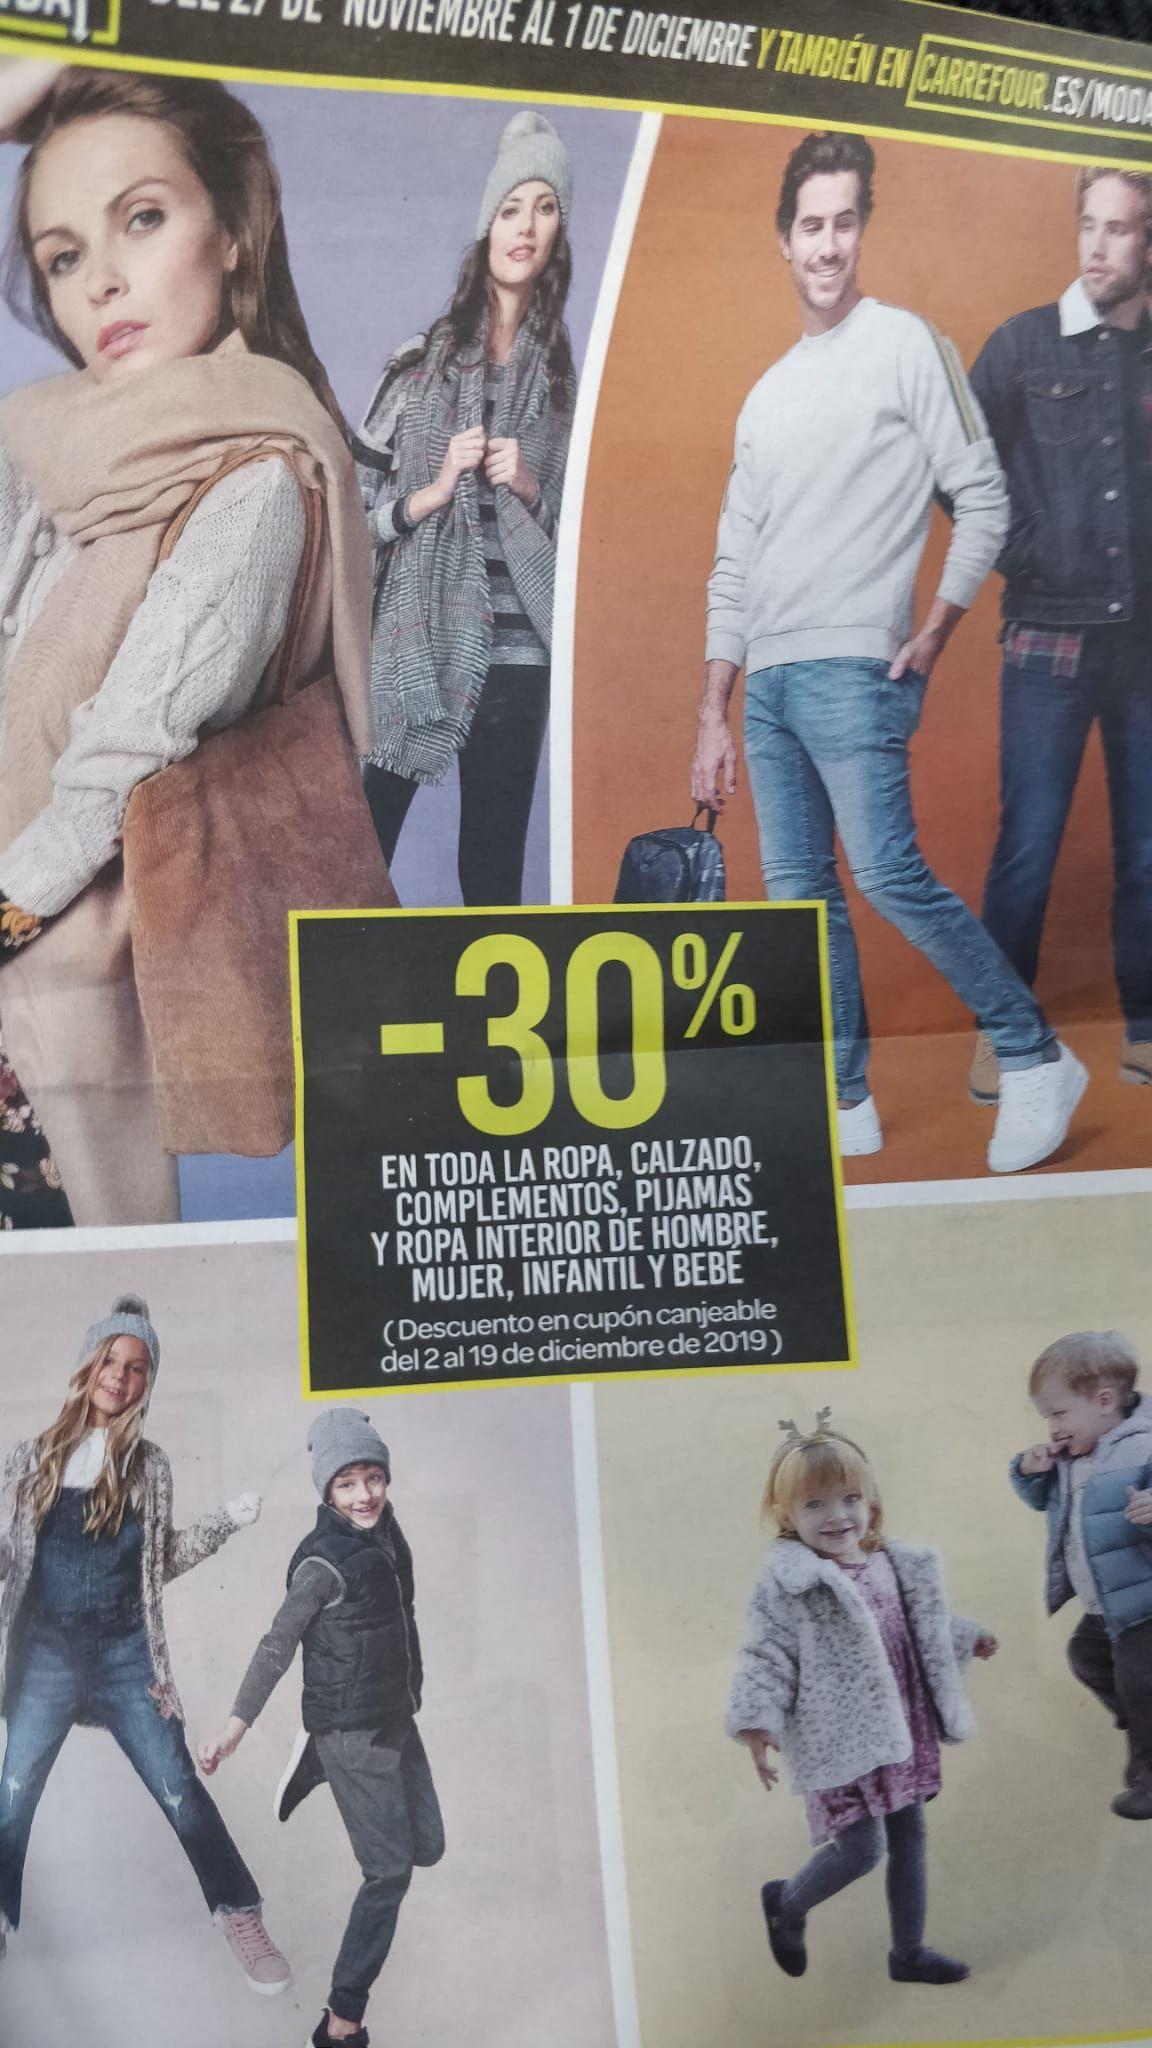 CARREFOUR 30% de descuento en ropa, zapatería y complementos